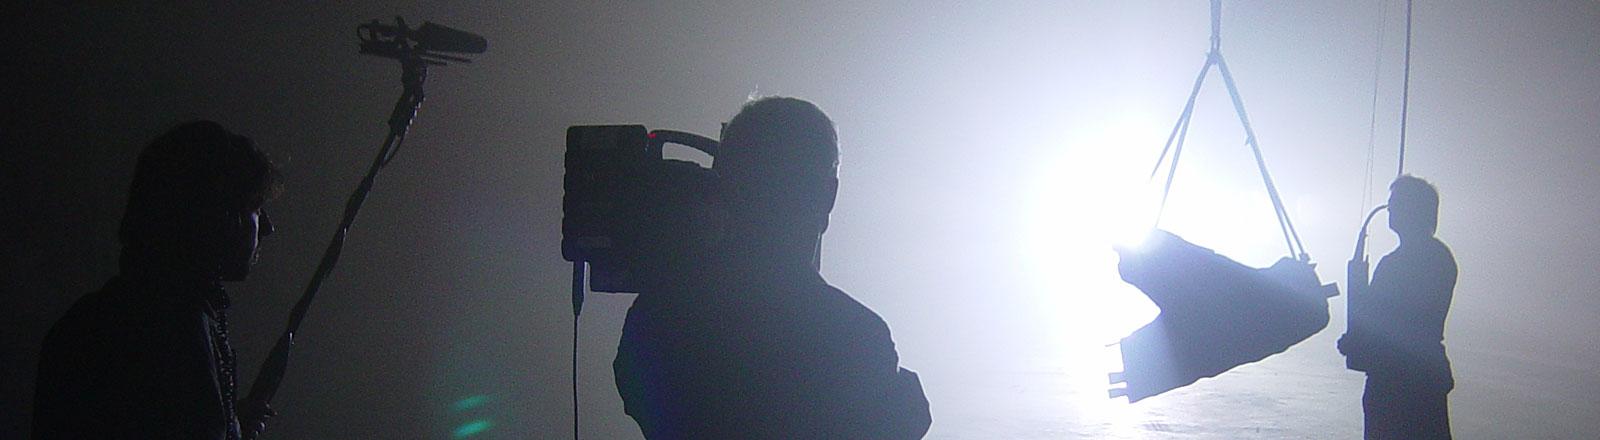 Kamerateam im Gegenlicht